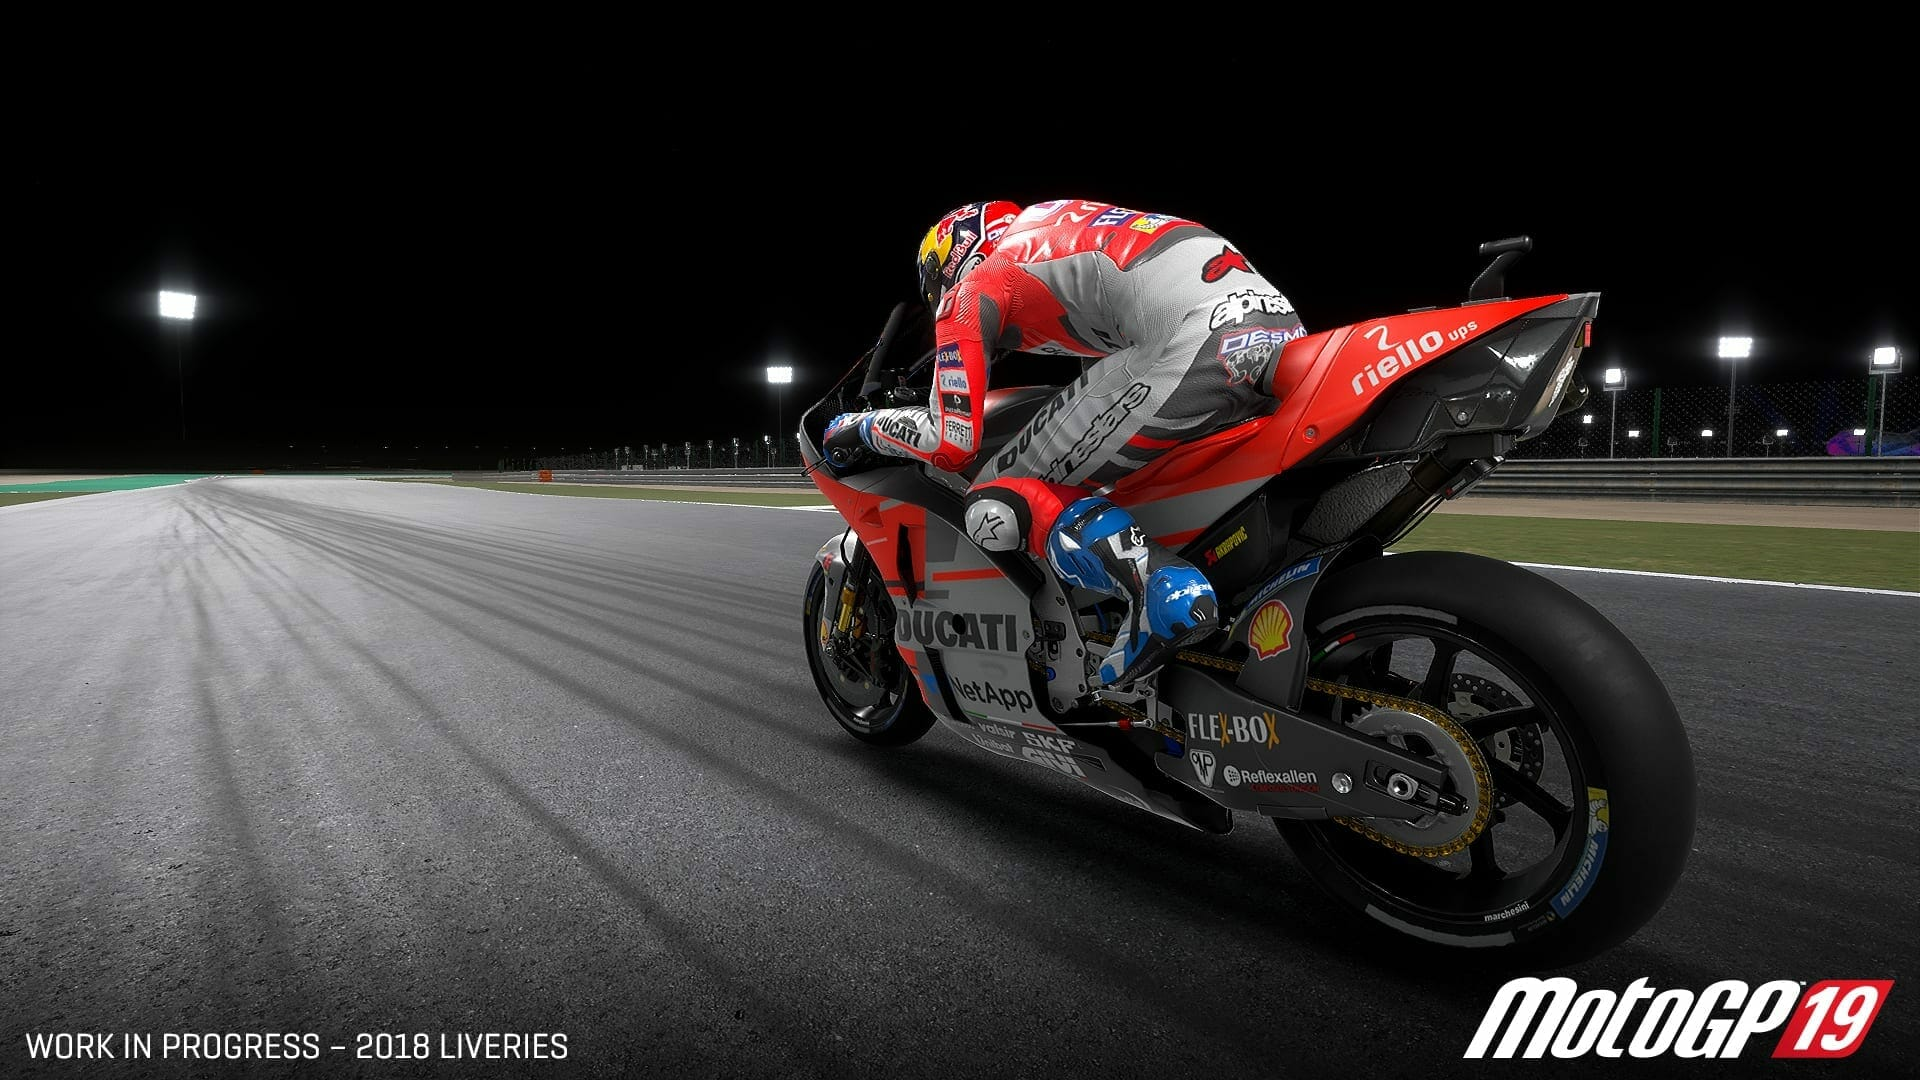 MotoGP 19 Release Date